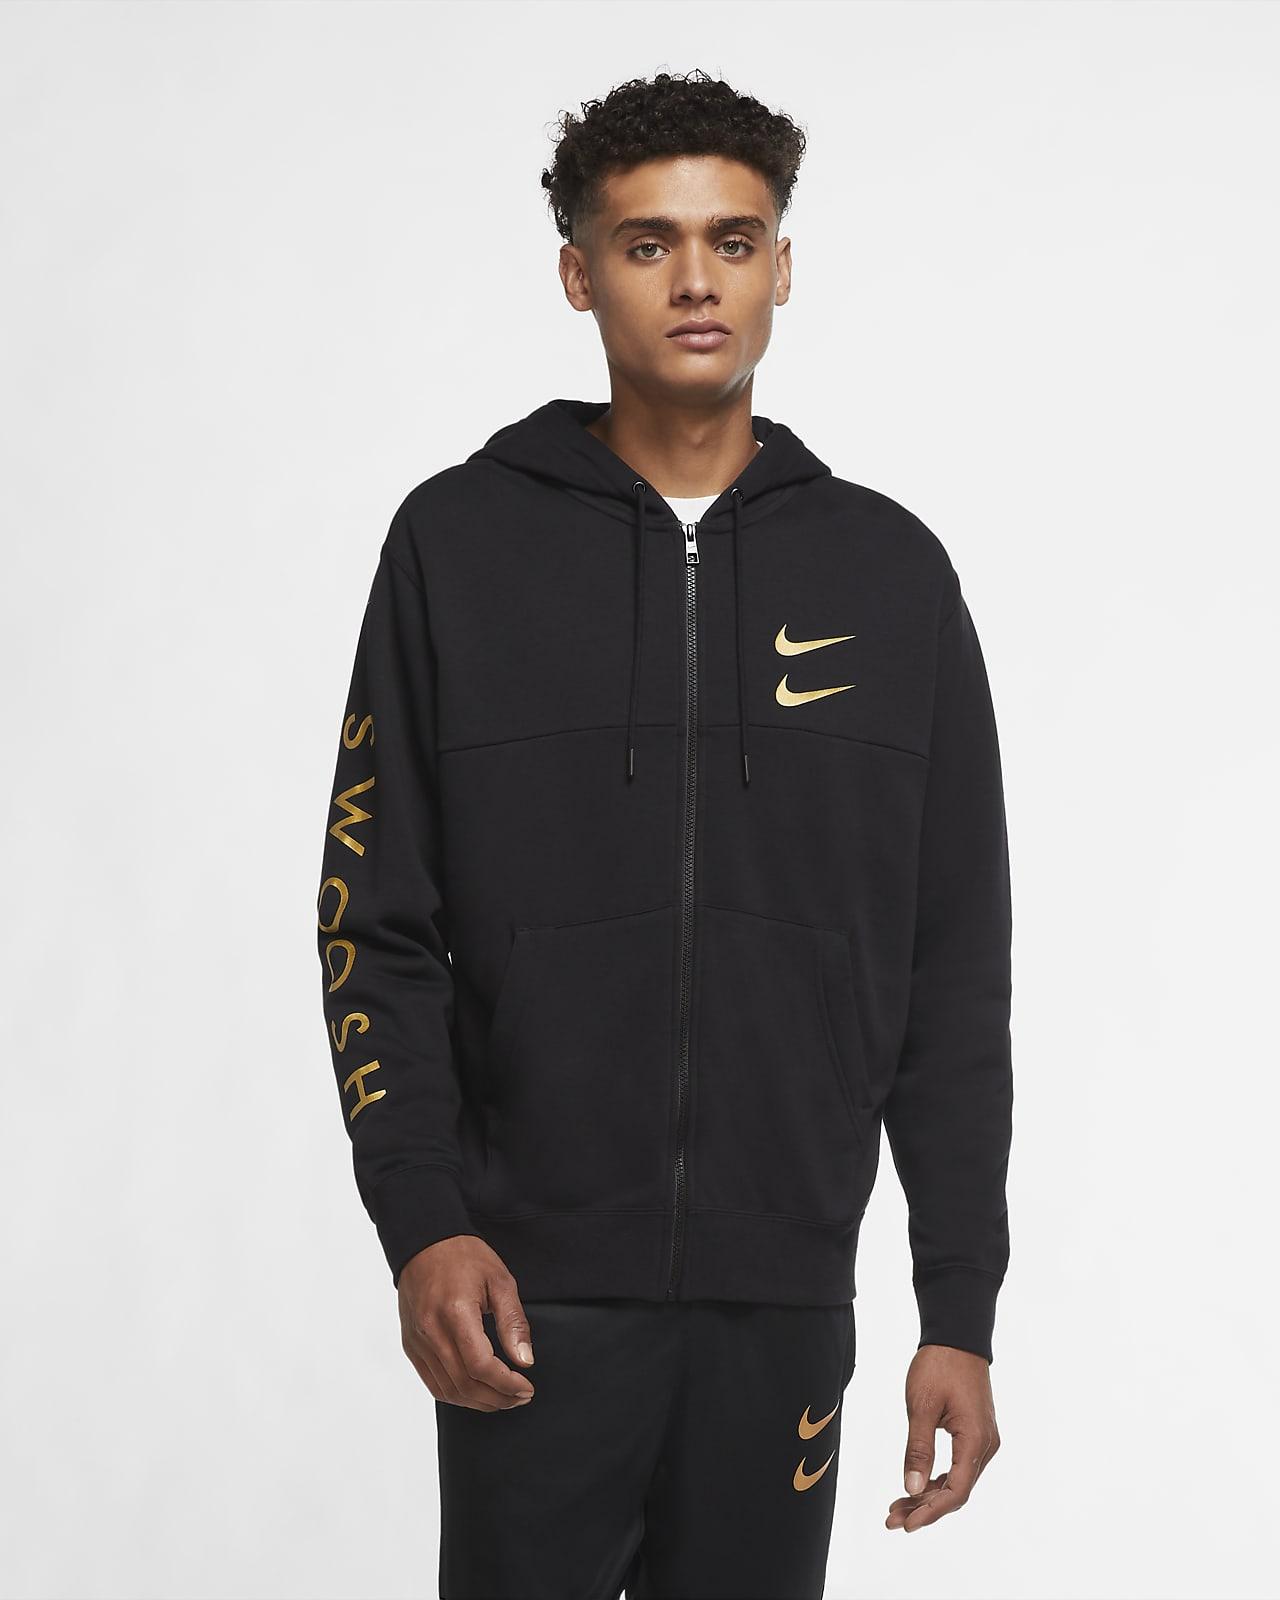 Ανδρική μπλούζα με κουκούλα και φερμουάρ σε όλο το μήκος Nike Sportswear Swoosh